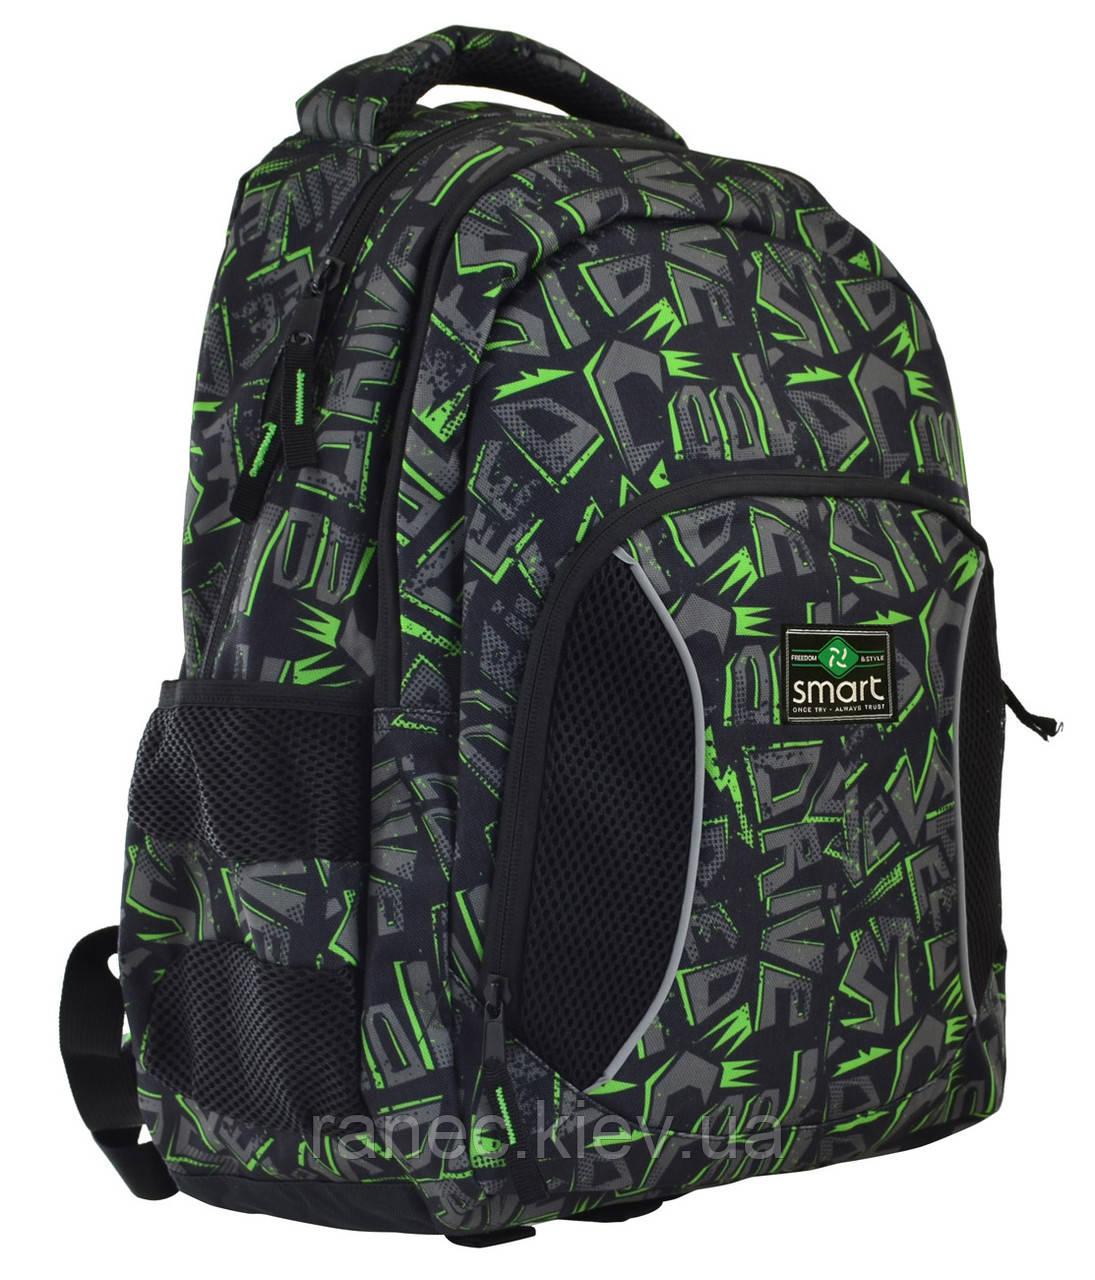 Рюкзак школьный SG-25 Drive 557113 Smart